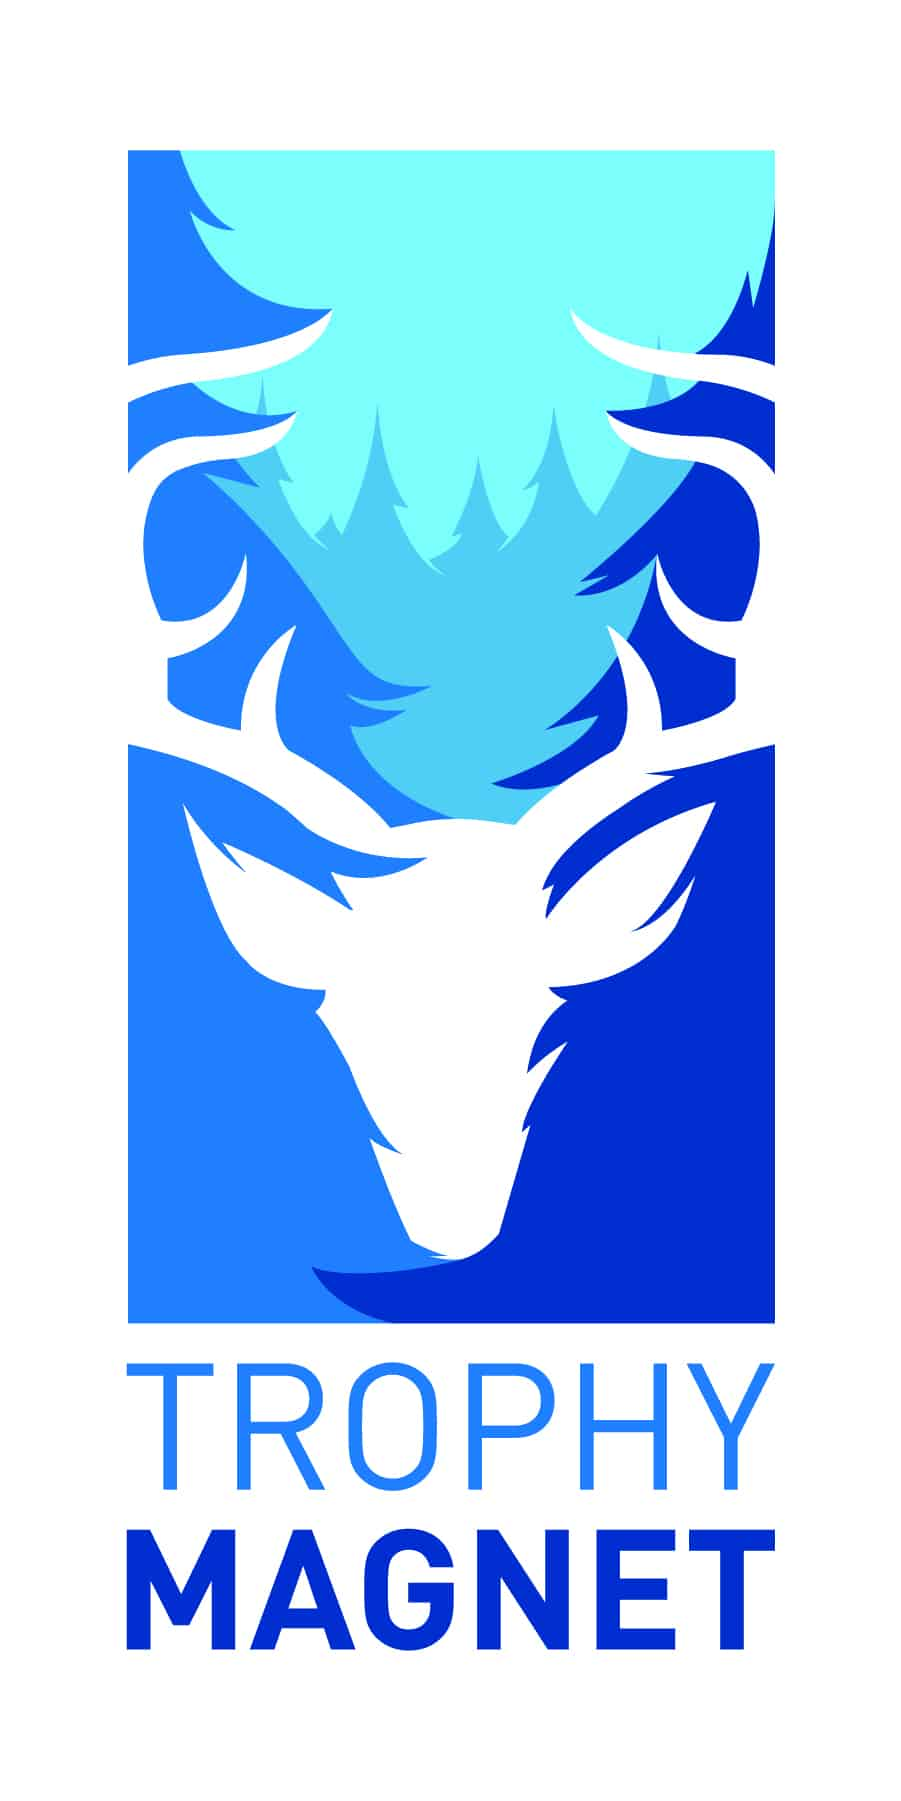 Trophy Magnet logo